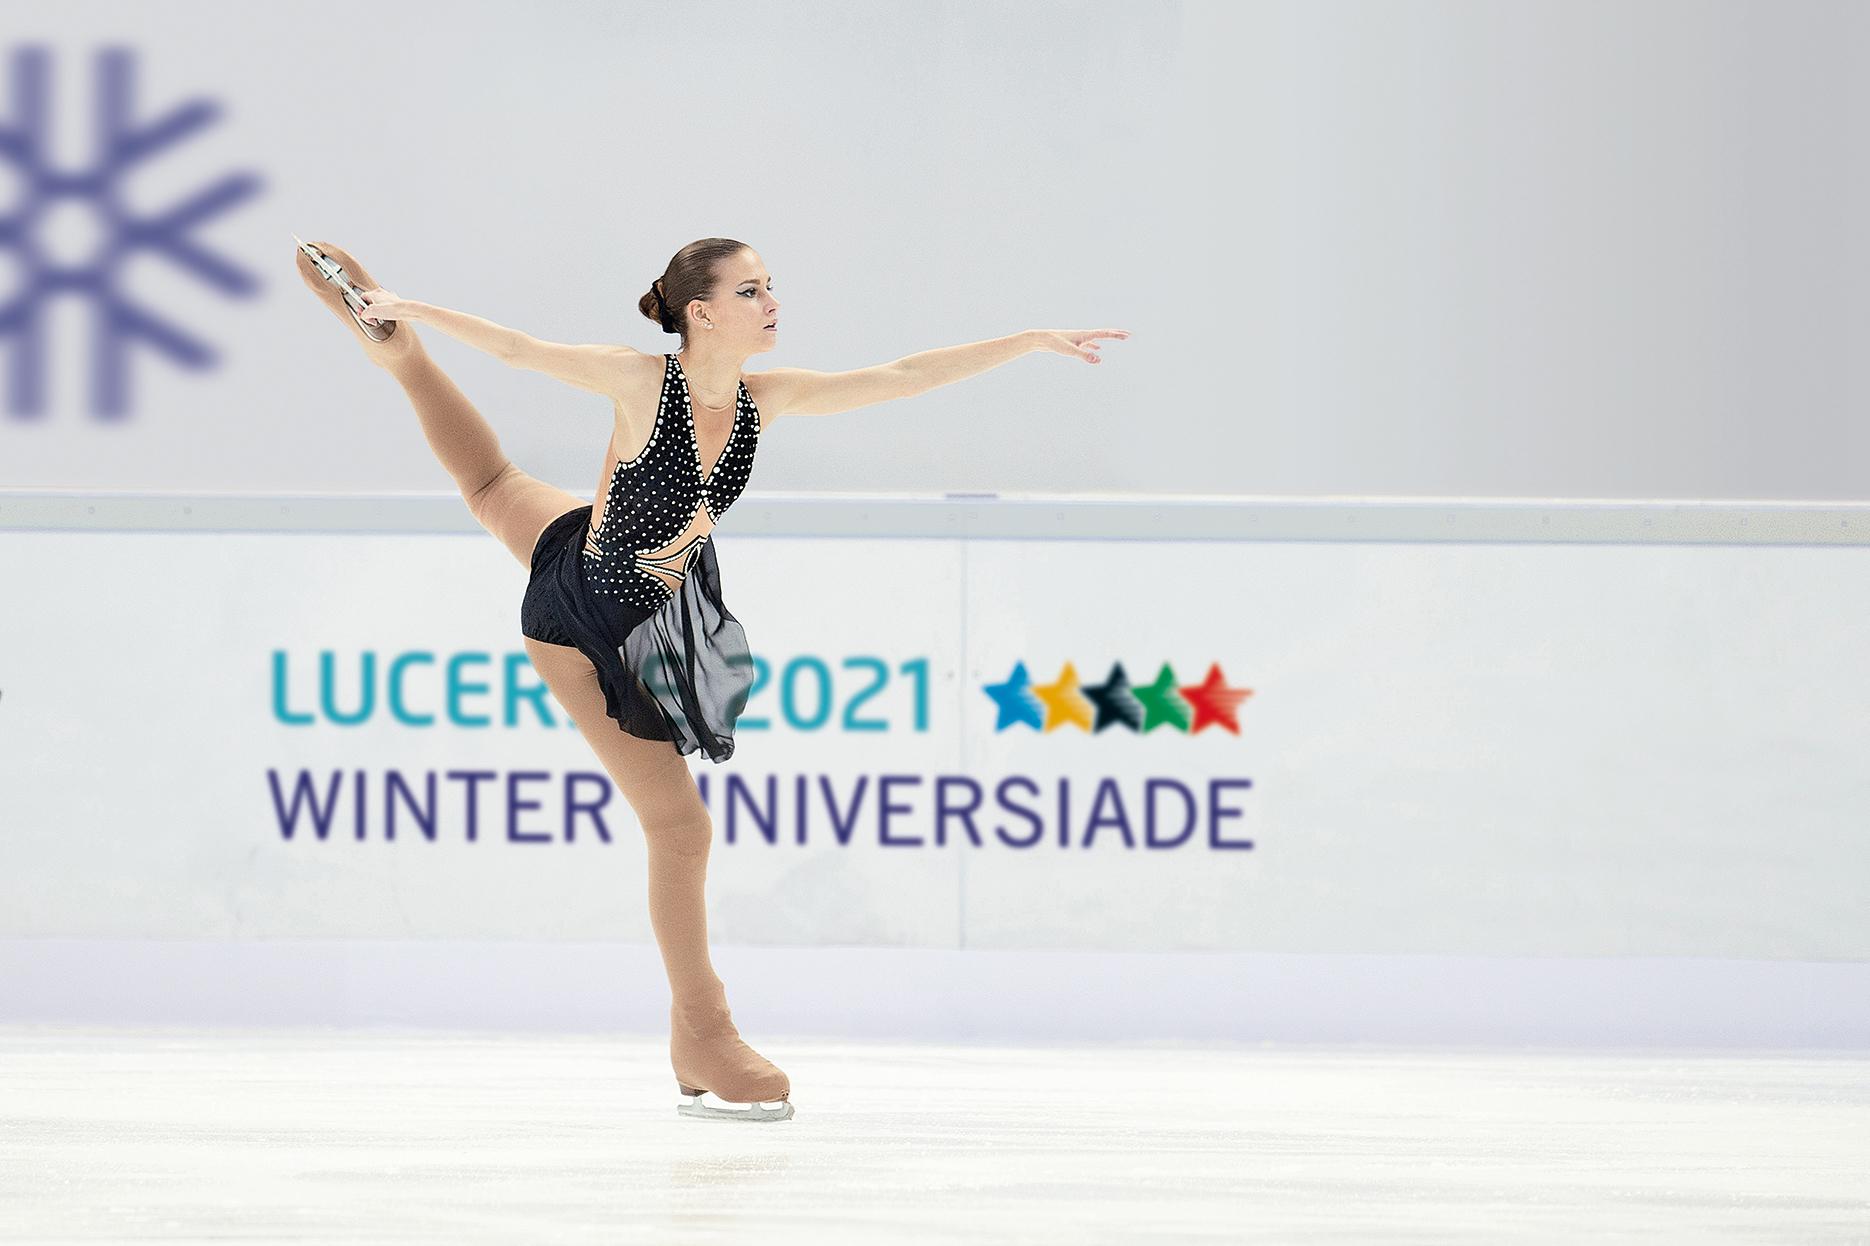 Europameisterschaft Eiskunstlauf 2021